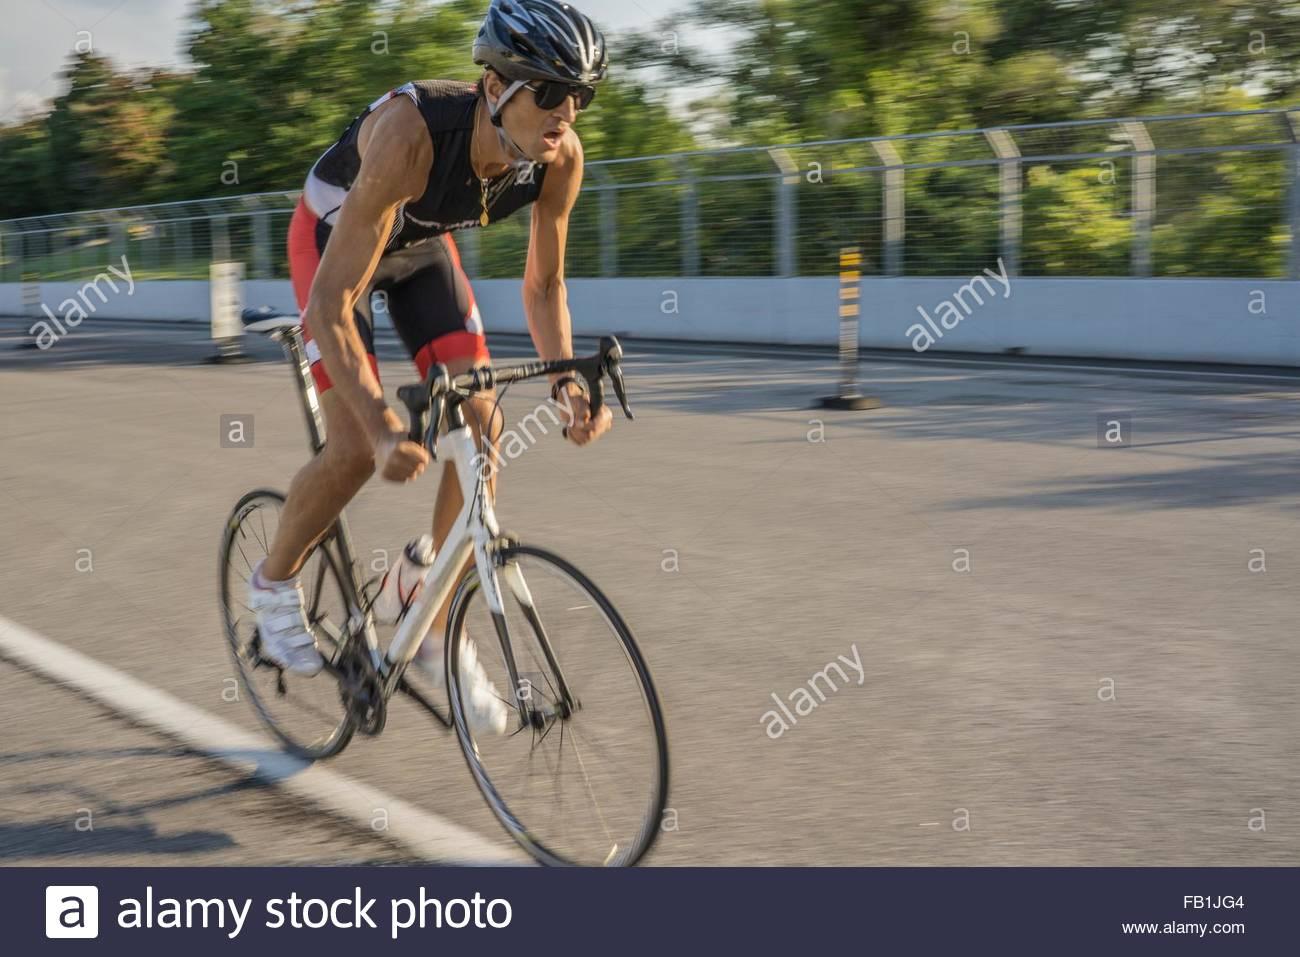 Metà uomo adulto il ciclismo in mountain bike sulla pista, butterature motion, Montreal, Quebec, Canada Immagini Stock